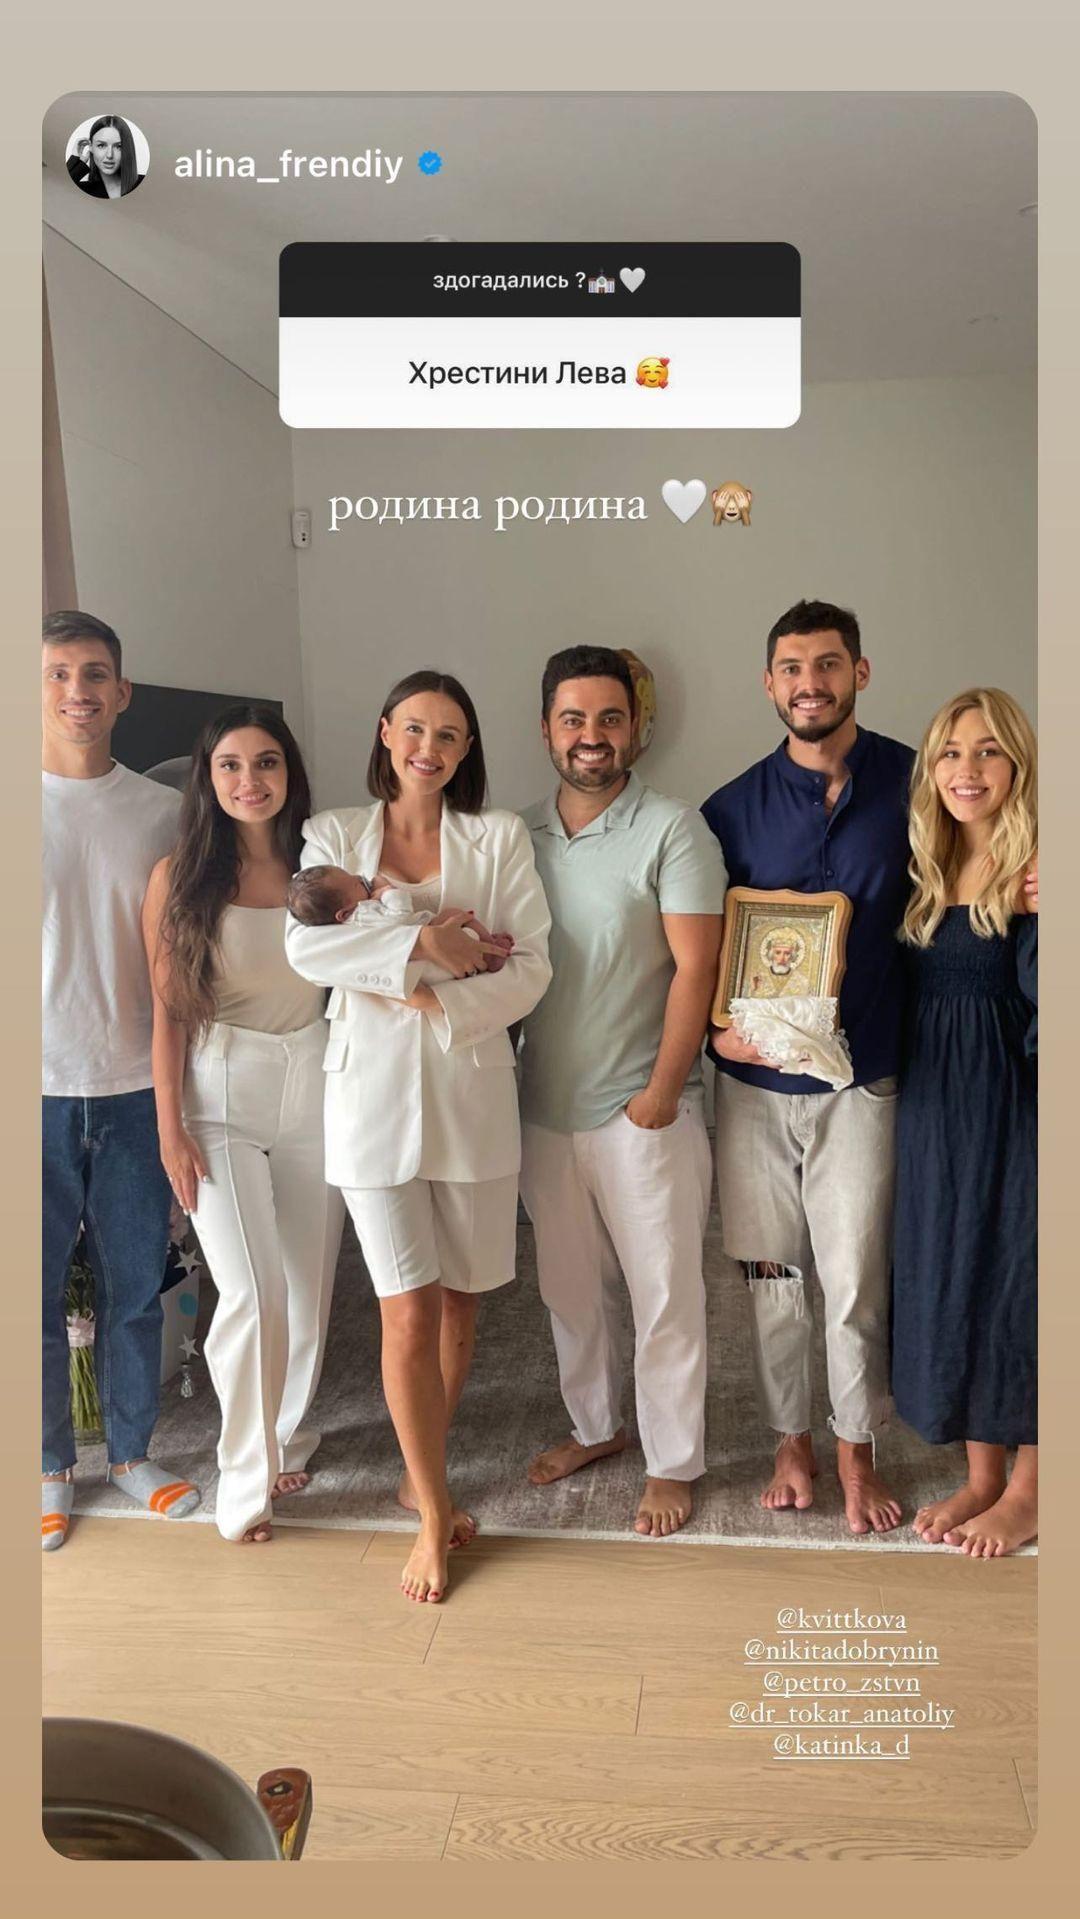 instagram.com/kvittkova